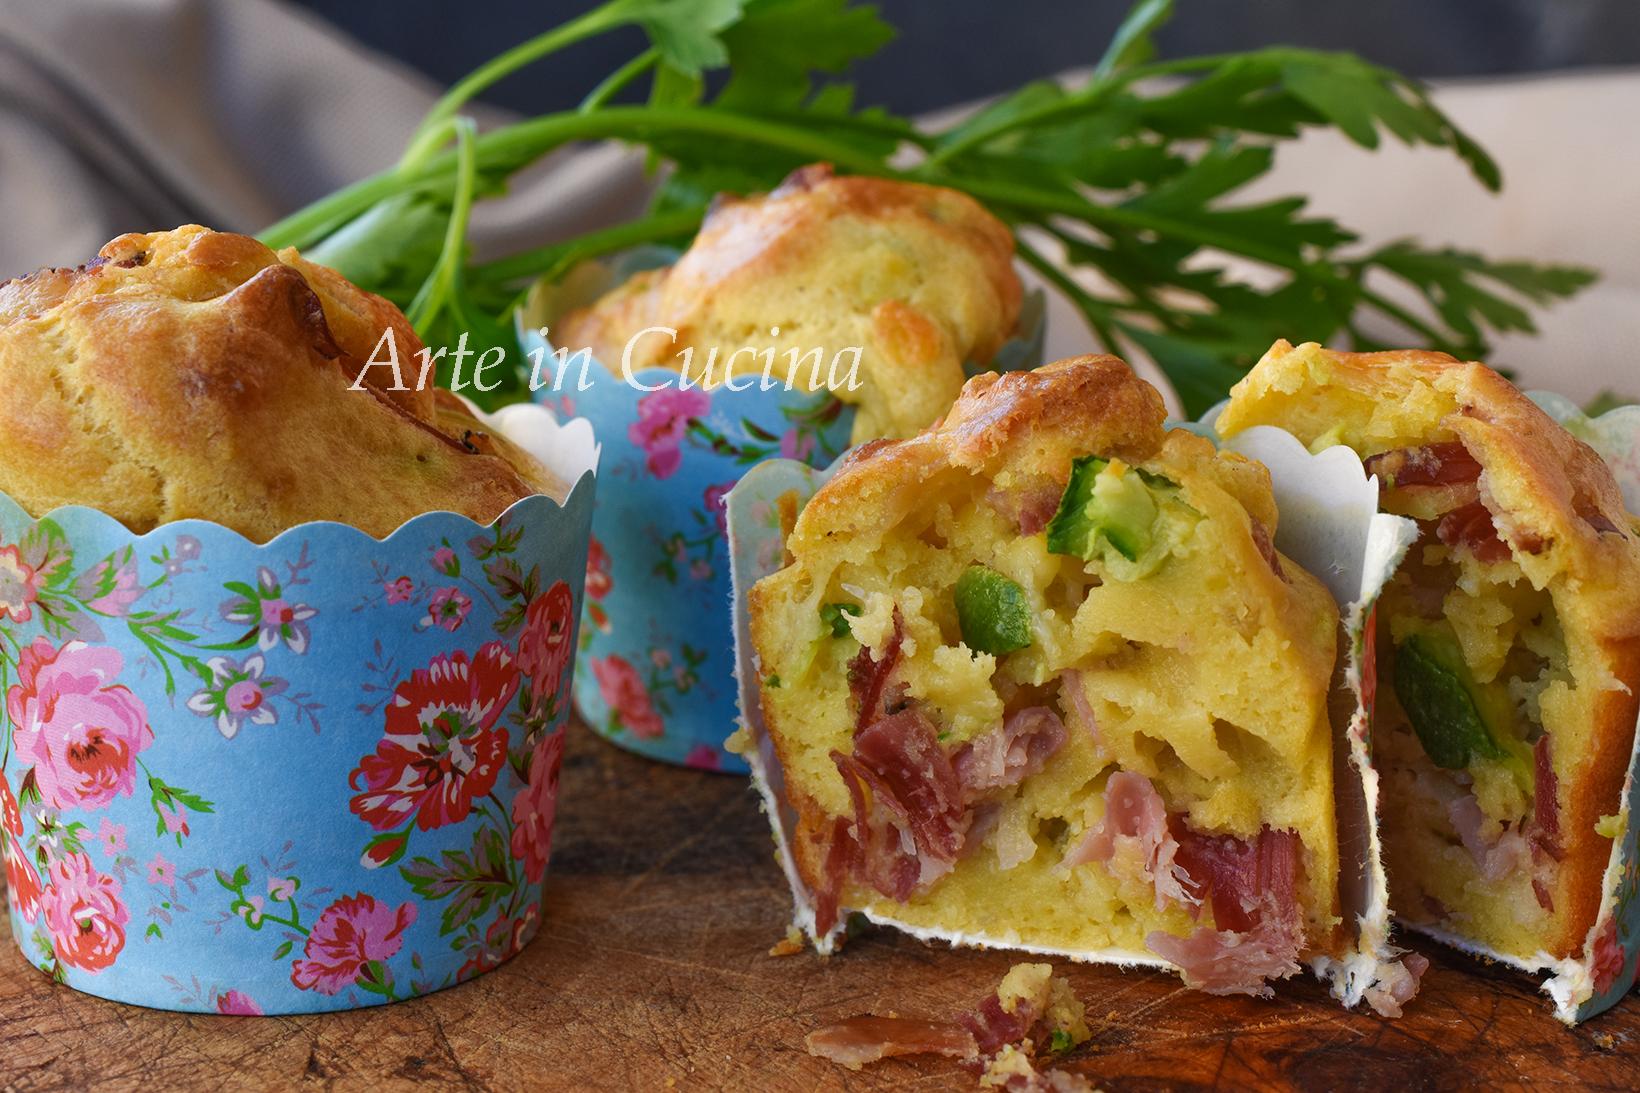 Muffin speck e zucchine ricetta salata veloce vickyart arte in cucina